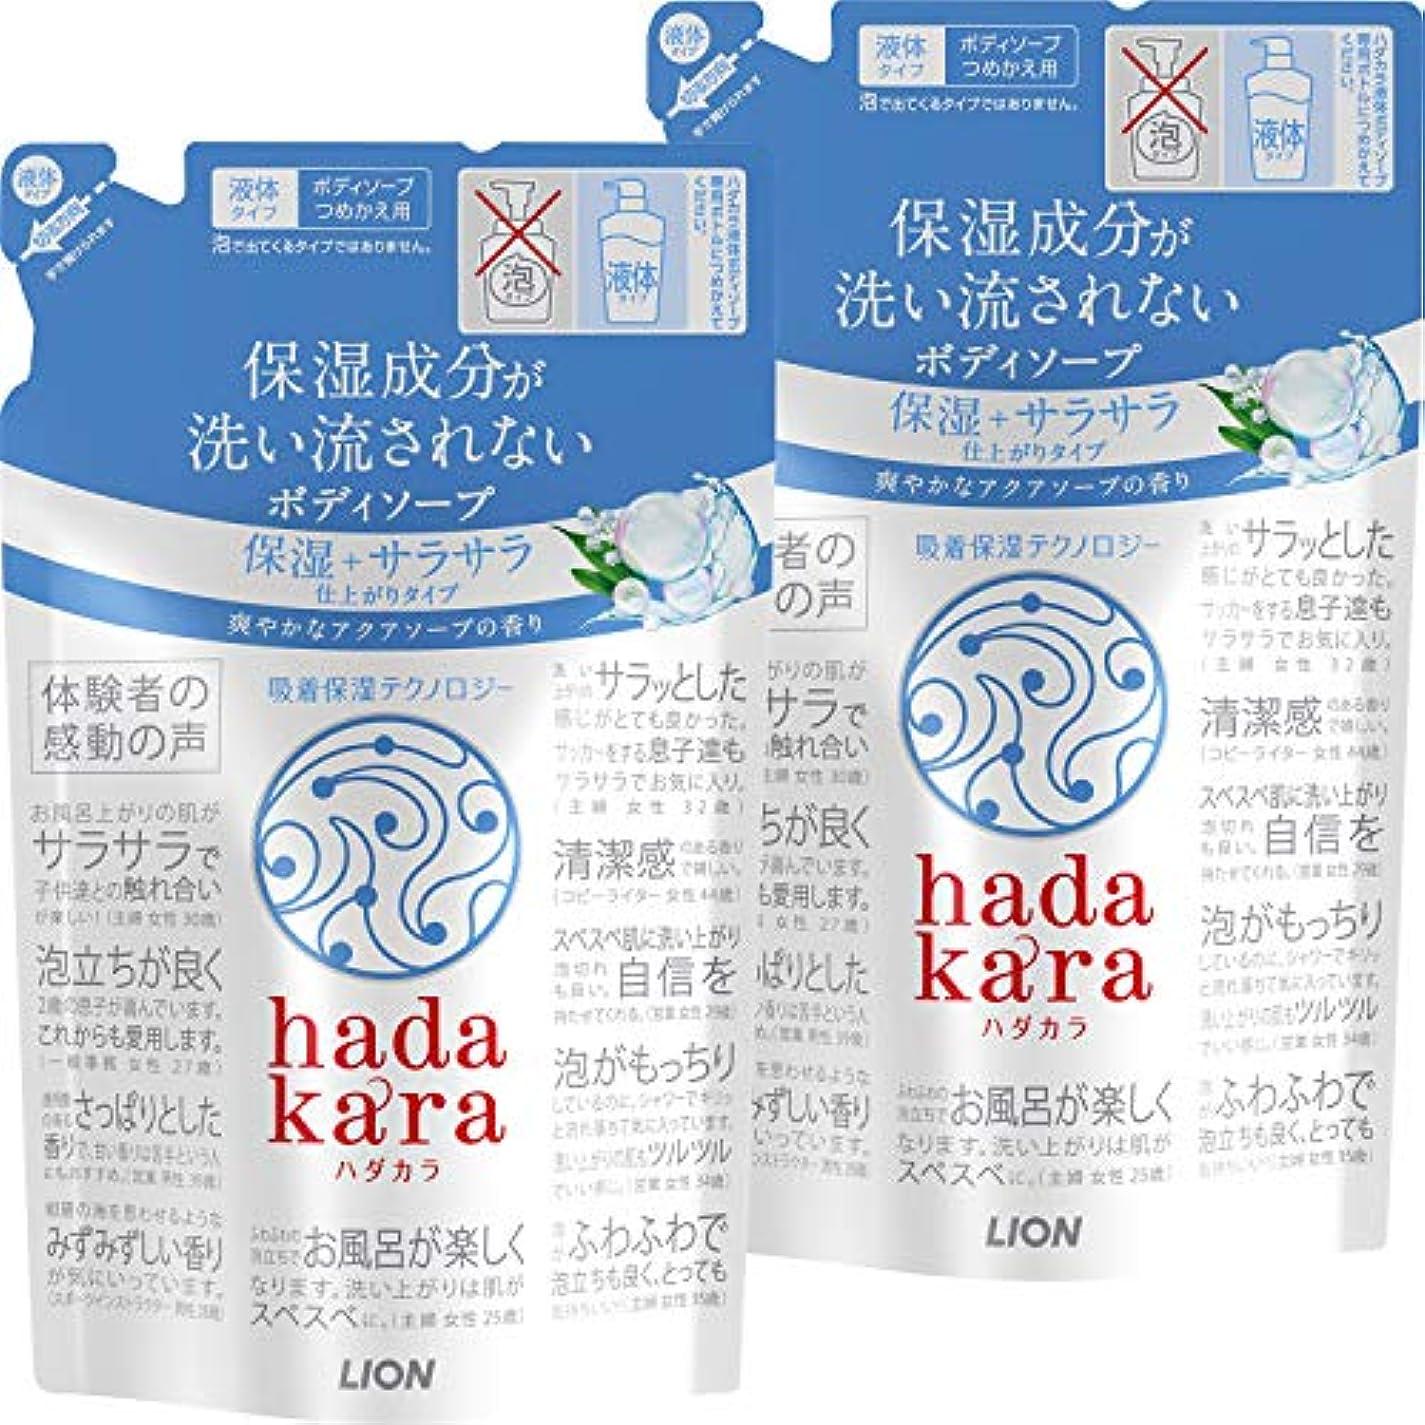 農学郵便局マージ【まとめ買い】hadakara(ハダカラ) ボディソープ 保湿+サラサラ仕上がりタイプ アクアソープの香り 詰め替え 340ml×2個パック